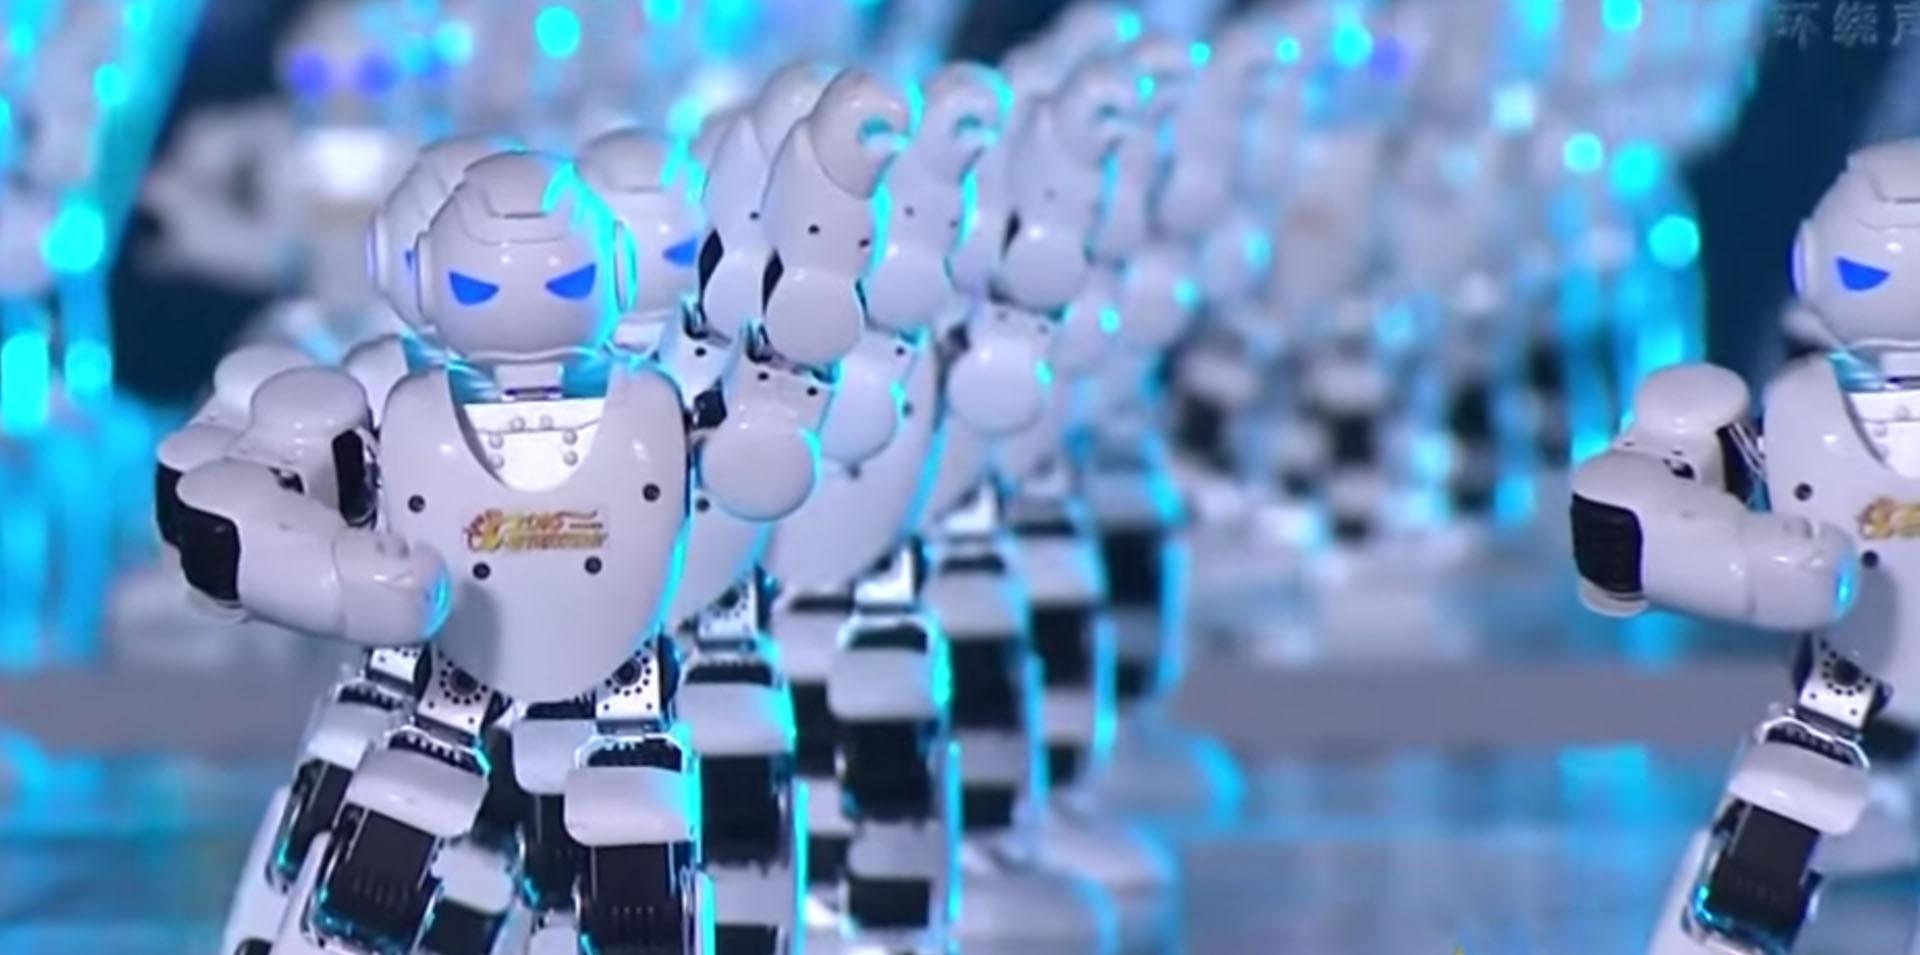 La danse des clones, un robot acrobate et une plongée au cœur d'un tableau dans News robots-danseurs